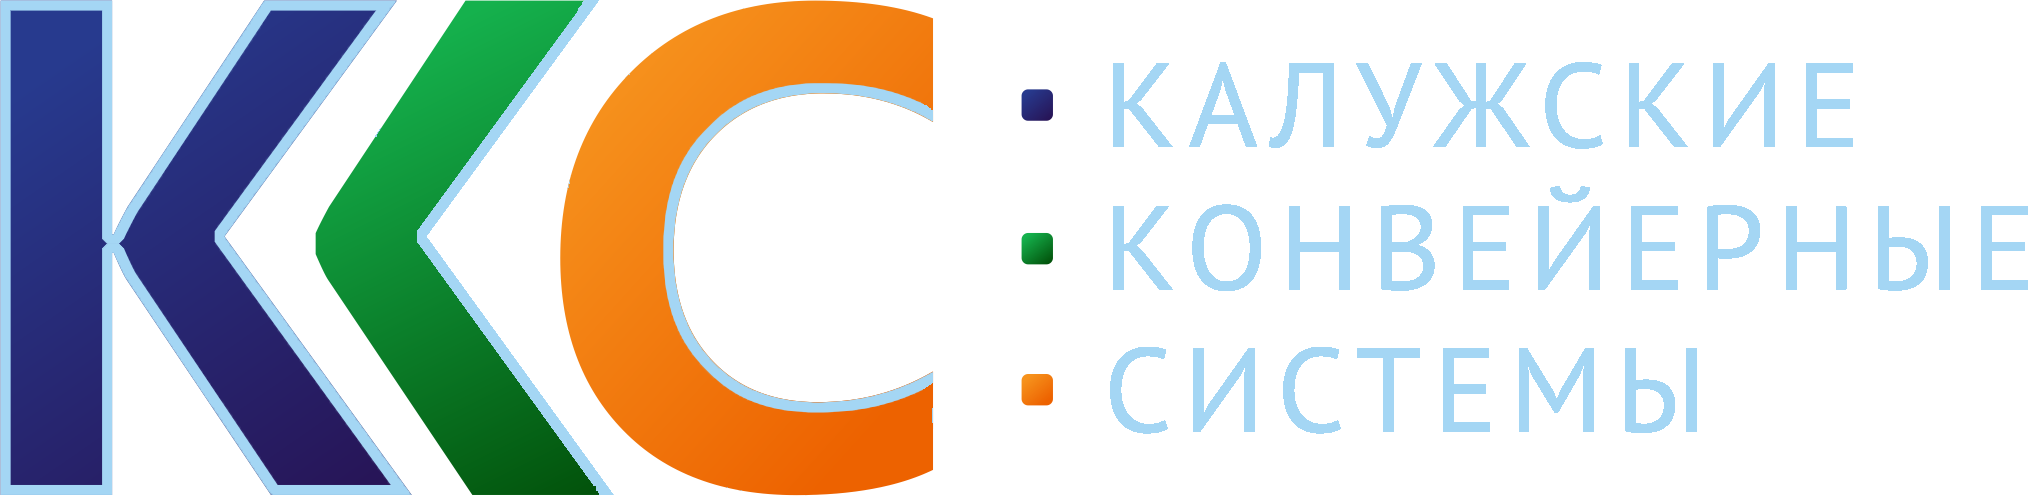 ККС Лого с гол шрифтом